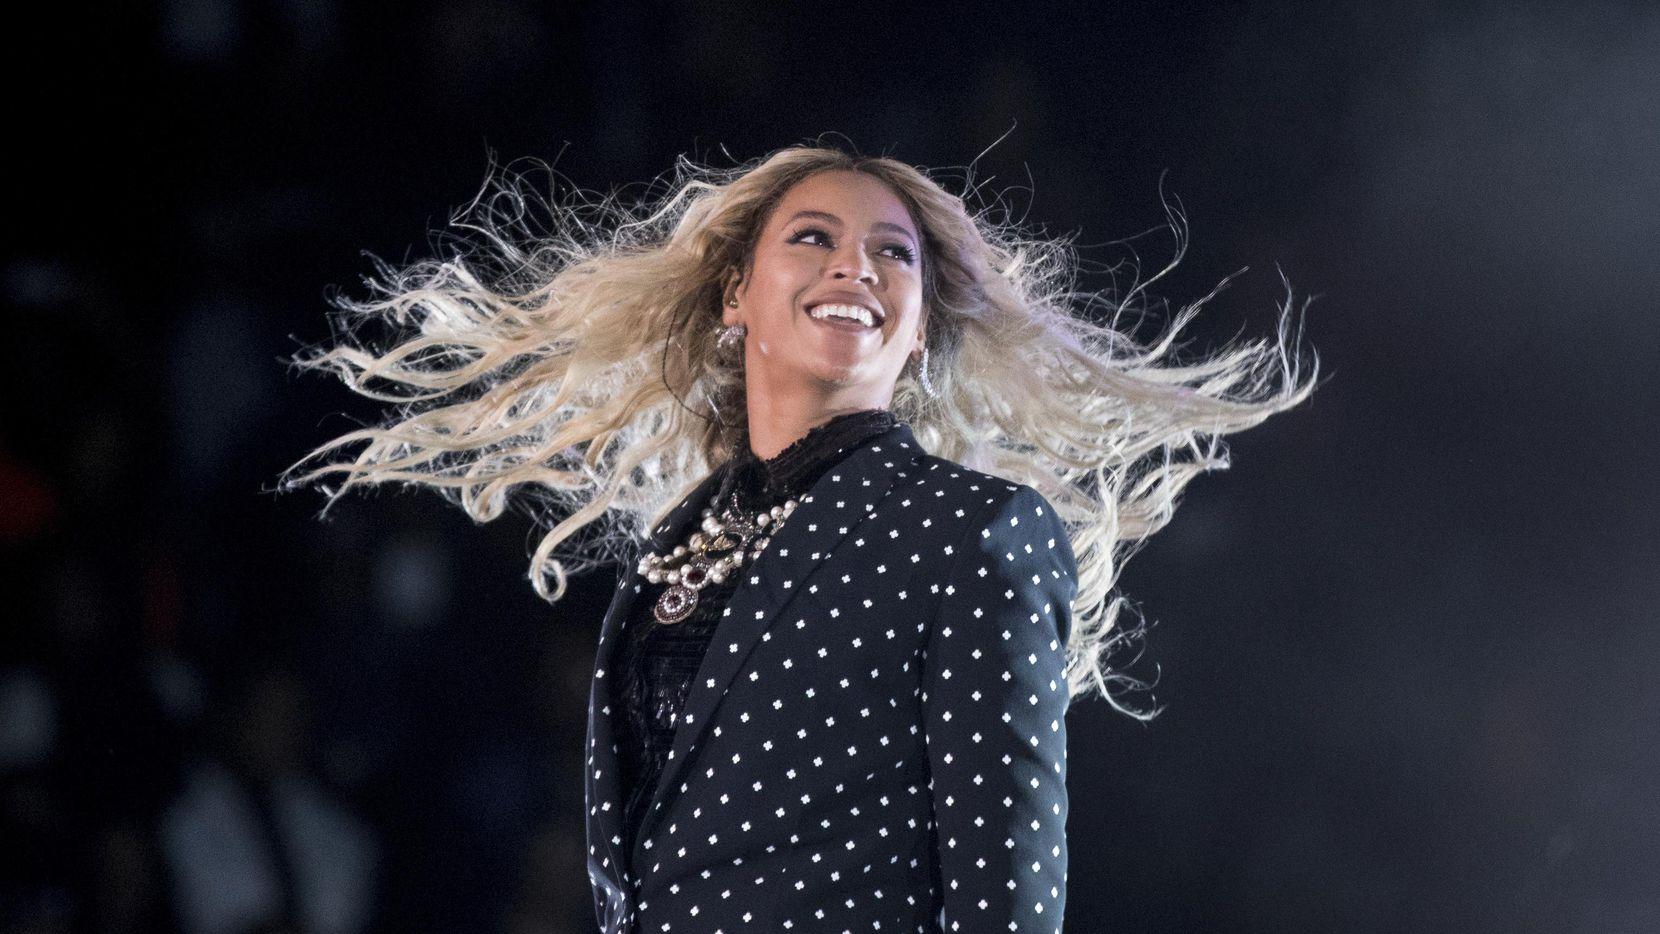 Foto de archivo, 4 de noviembre de 2016, de Beyonce actuando en un concierto por la campaña electoral de la demócrata Hillary Clinton en Cleveland. Beyonce, Blake Shelton, Barbra Streisand y Oprah Winfrey encabezarán una teletón para reunir fondos para las víctimas de Harvey el 12 de septiembre de 2017, que será transmitida en simultáneo por las cadenas ABC, CBS, NBC, Fox y CMT.(AP)